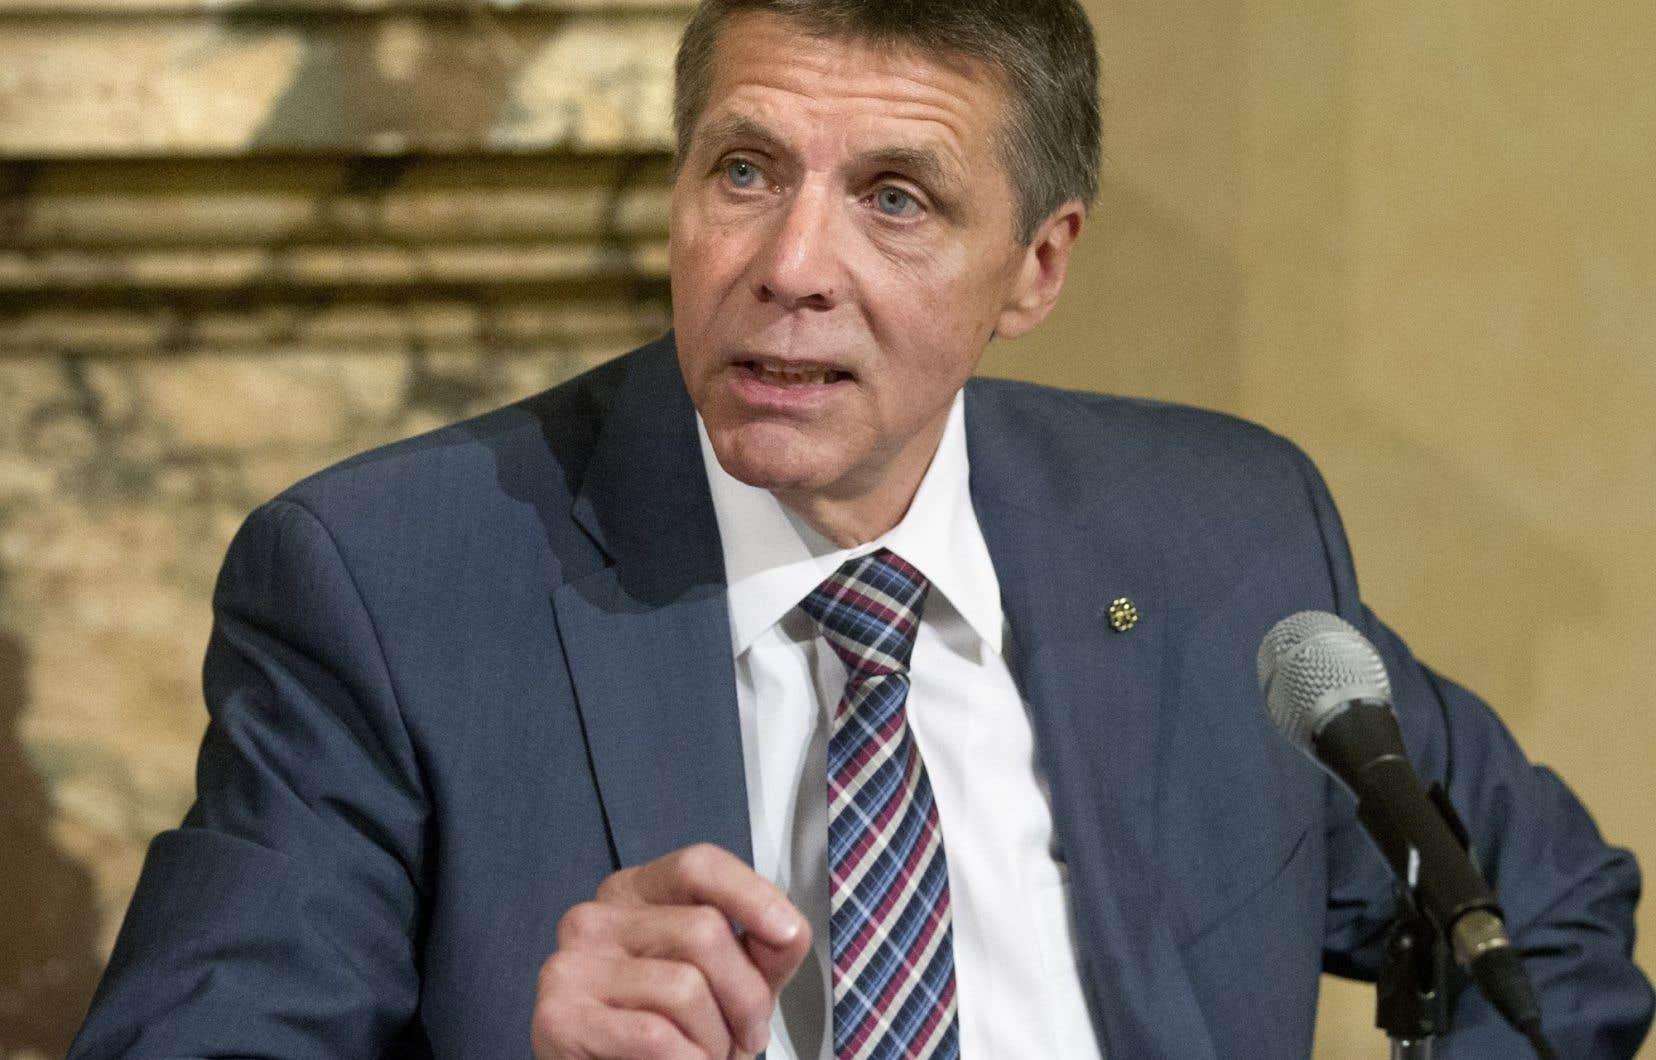 Malgré les surplus de 2015, le président du comité exécutif de la Ville, Pierre Desrochers, ne s'aventure pas à promettre un gel de taxes pour les Montréalais l'an prochain.